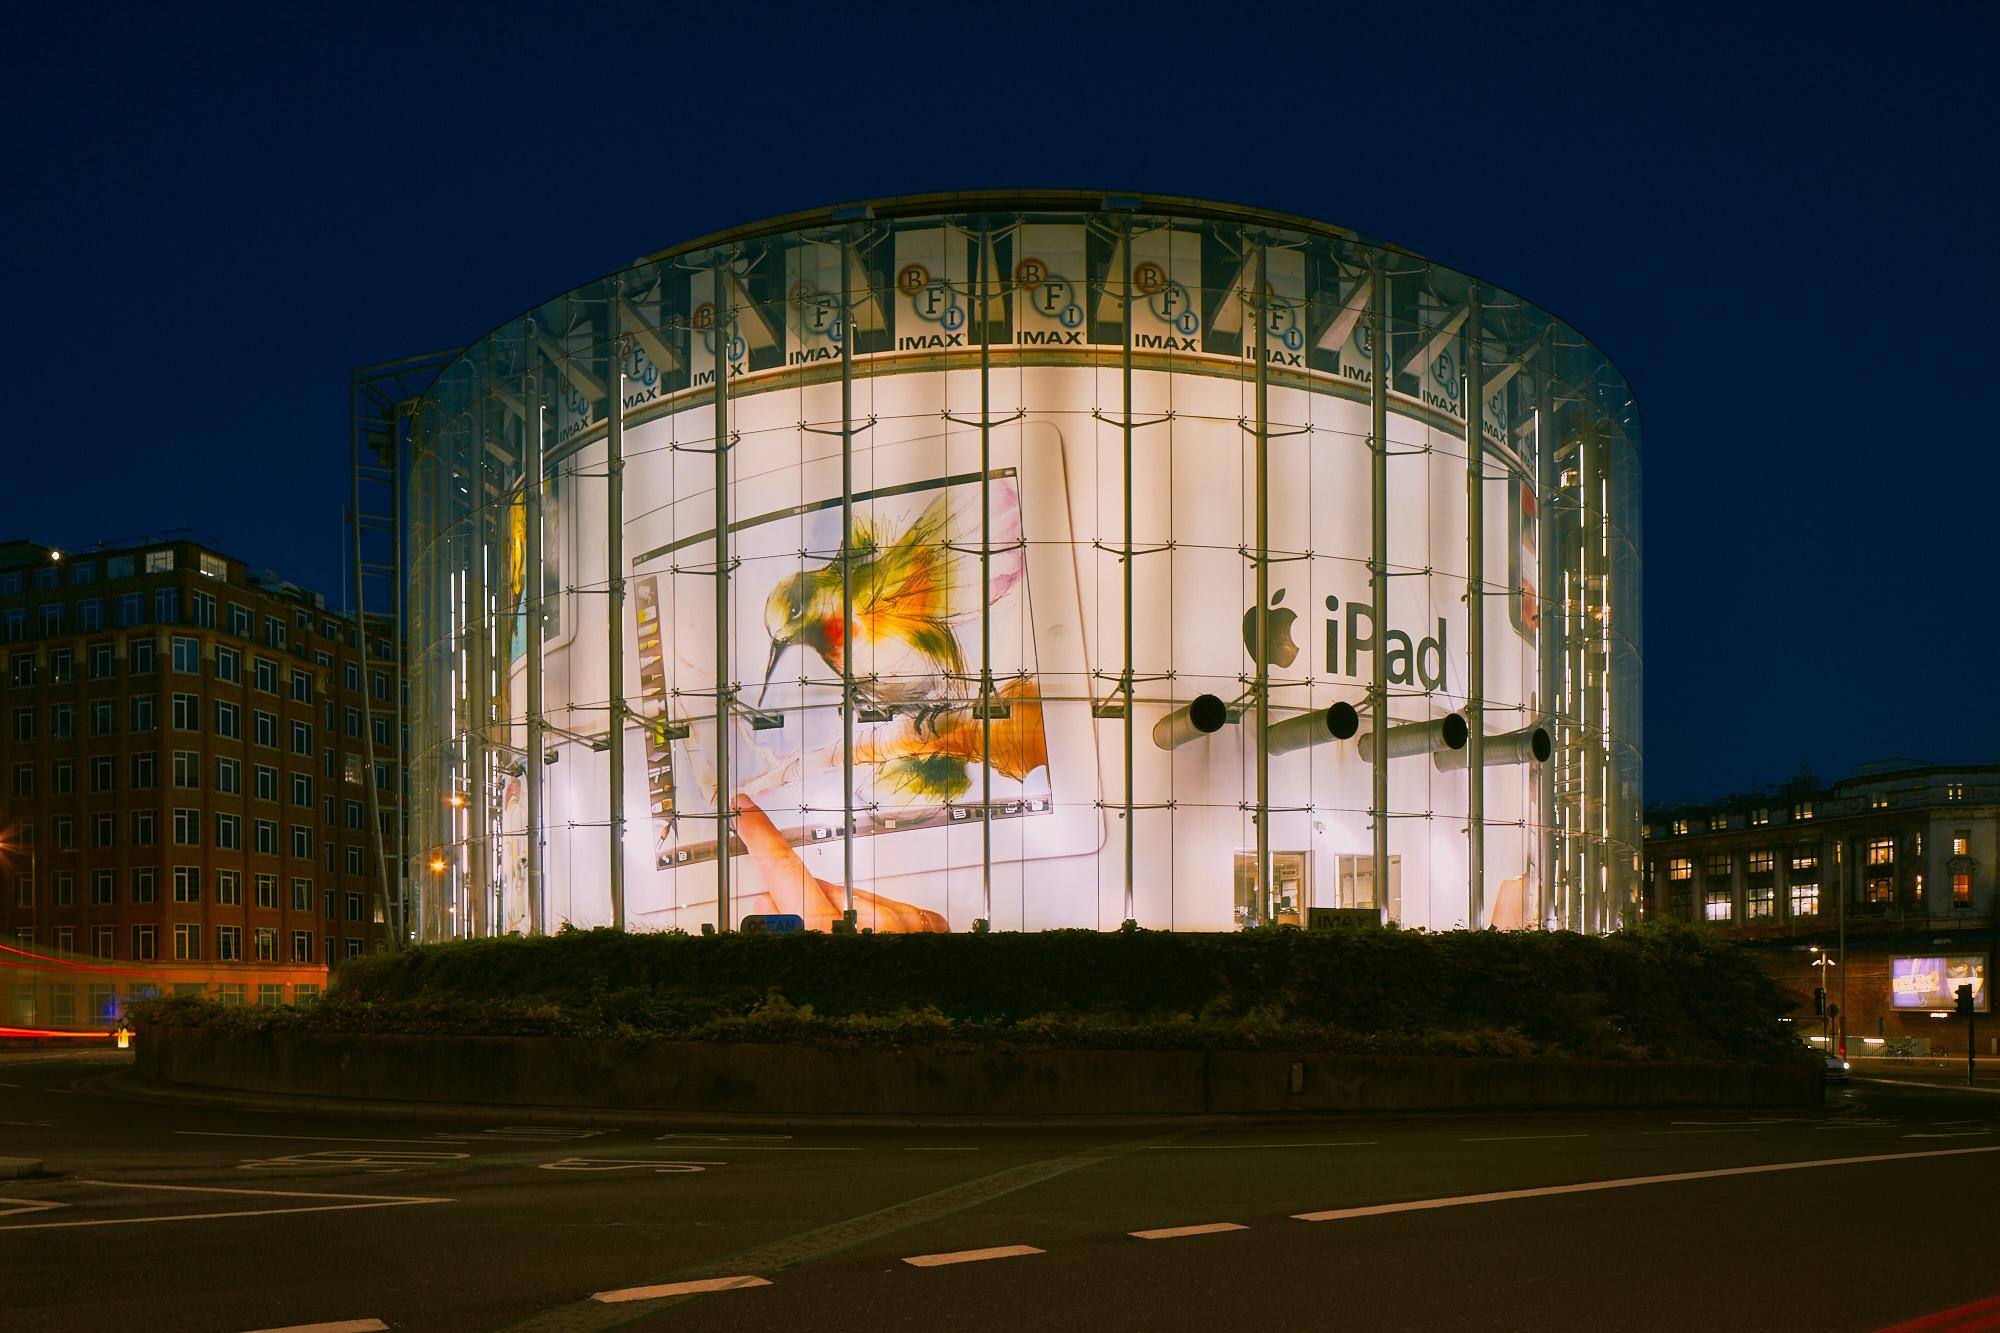 BFI IMAX, Waterloo, London